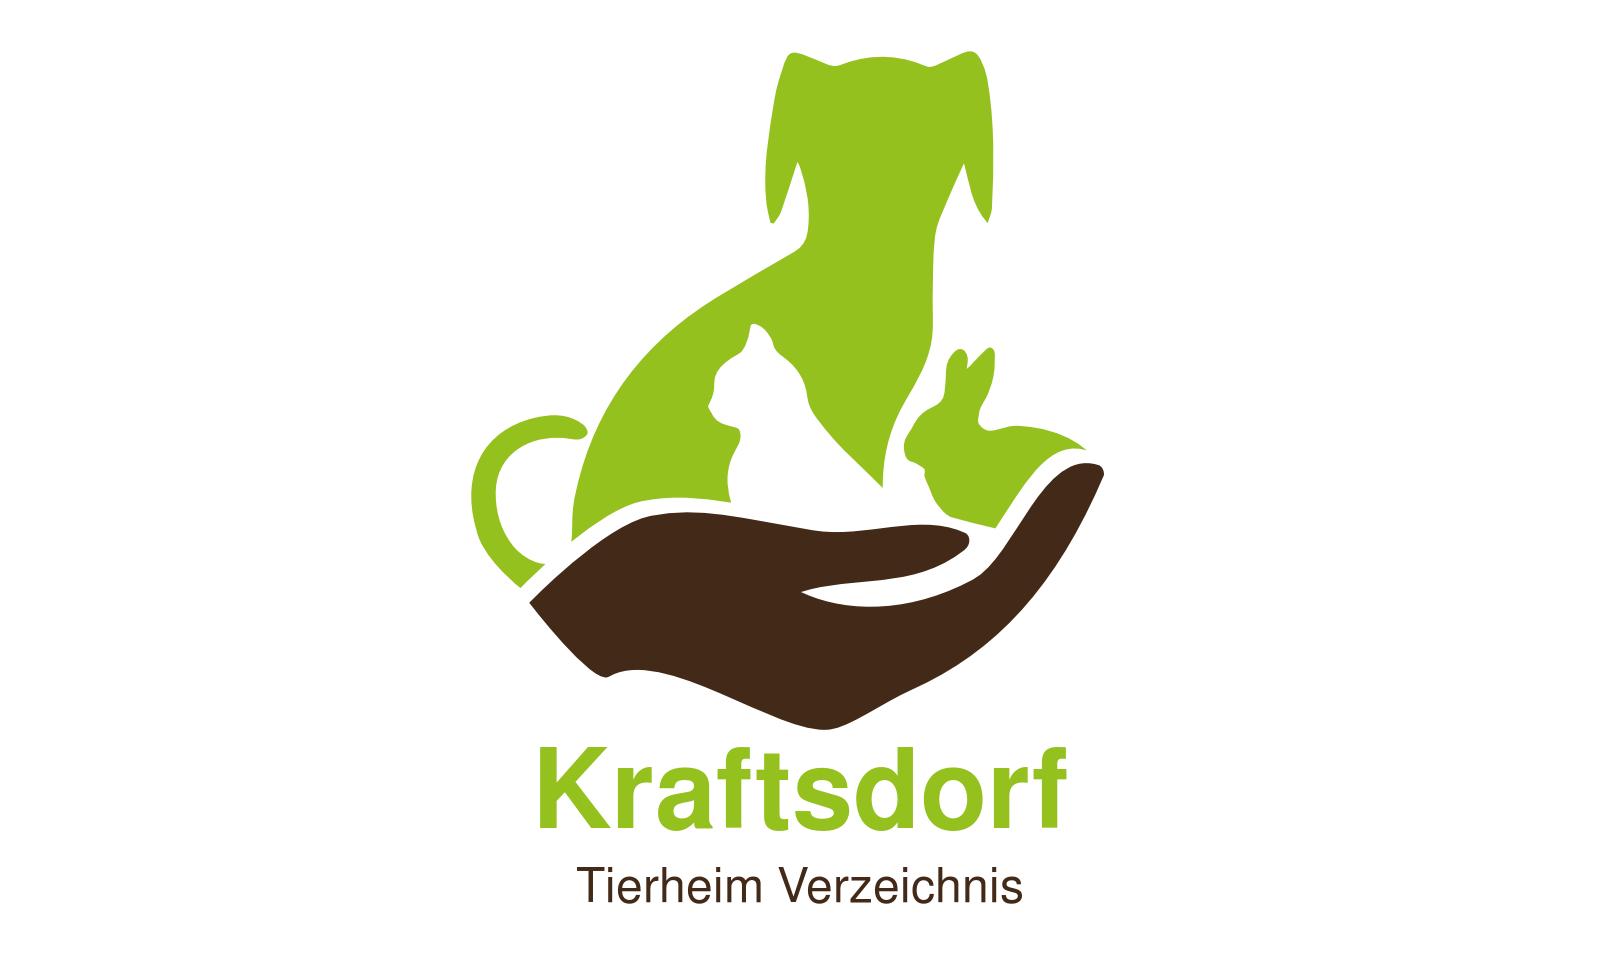 Tierheim Kraftsdorf